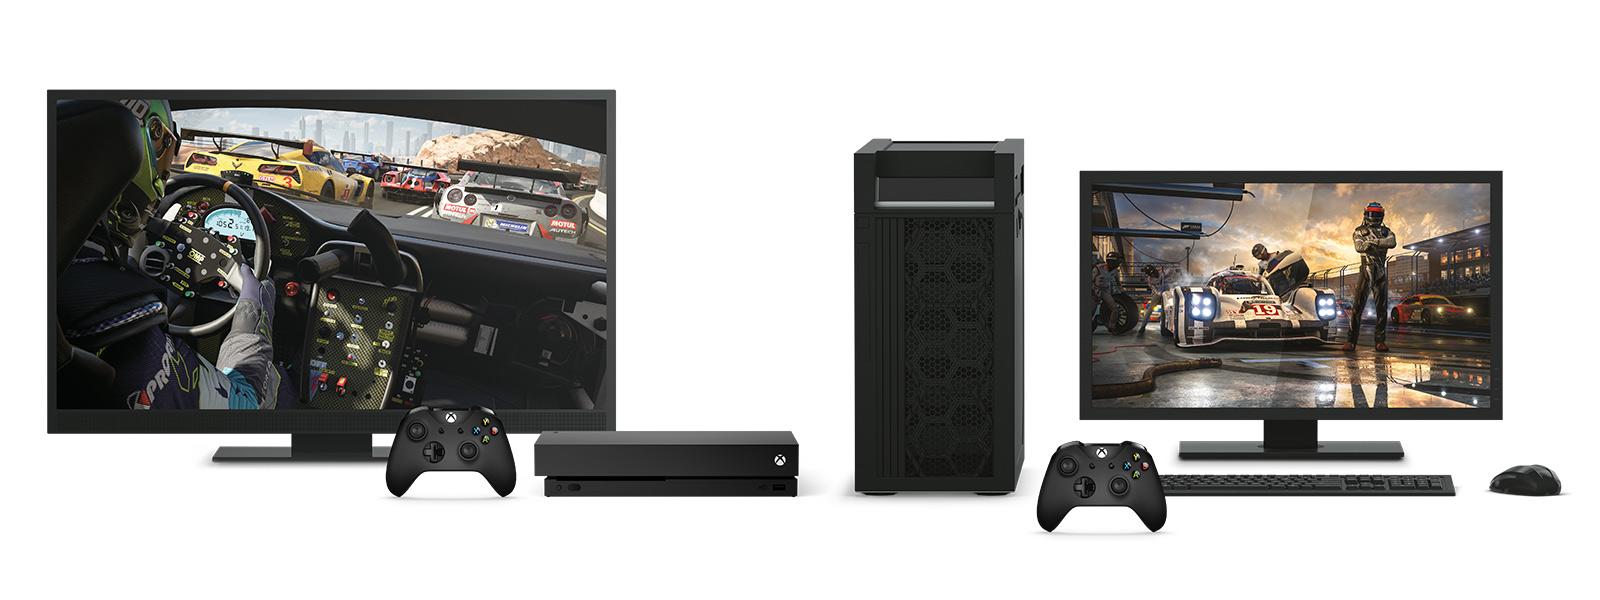 Xbox One X og en 4K-skrivebordsenhet med Forza Motorsport 7 på en TV og en datamaskinskjerm